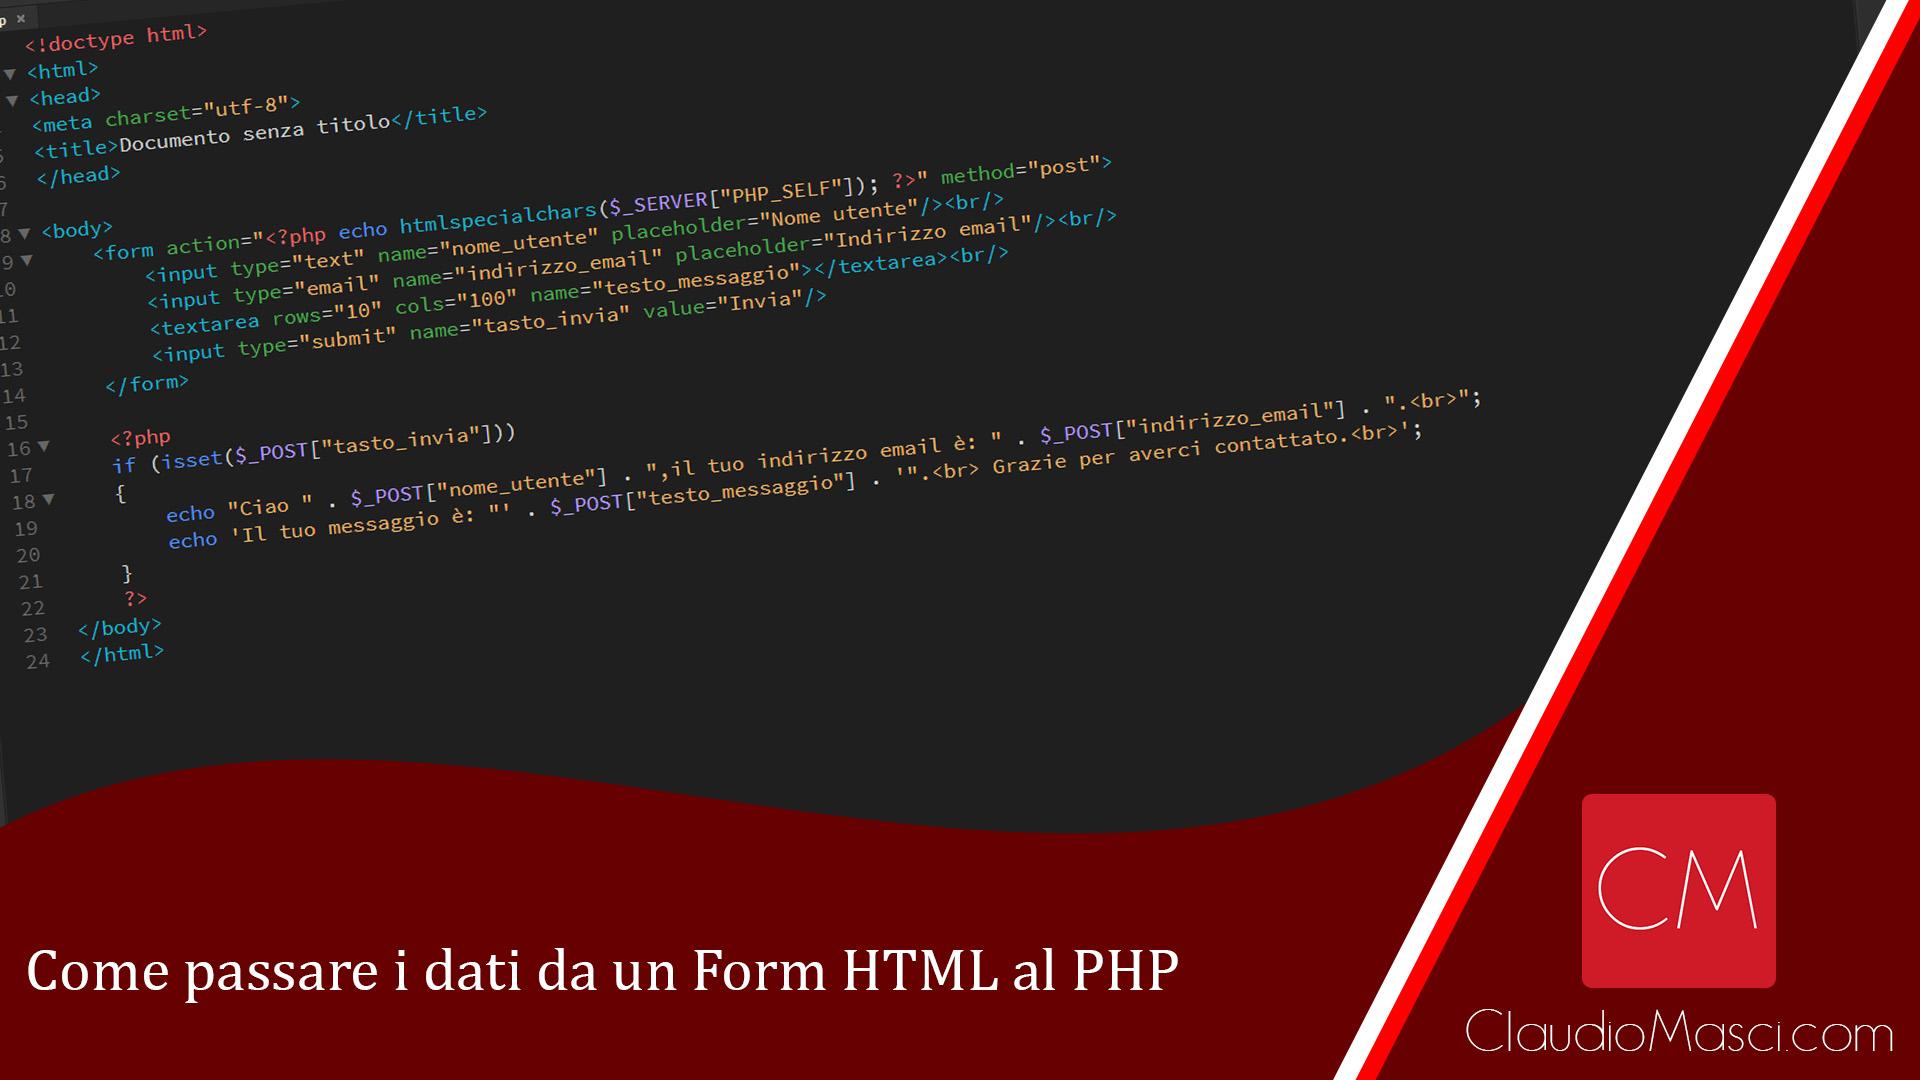 Come passare i dati da un Form HTML al PHP